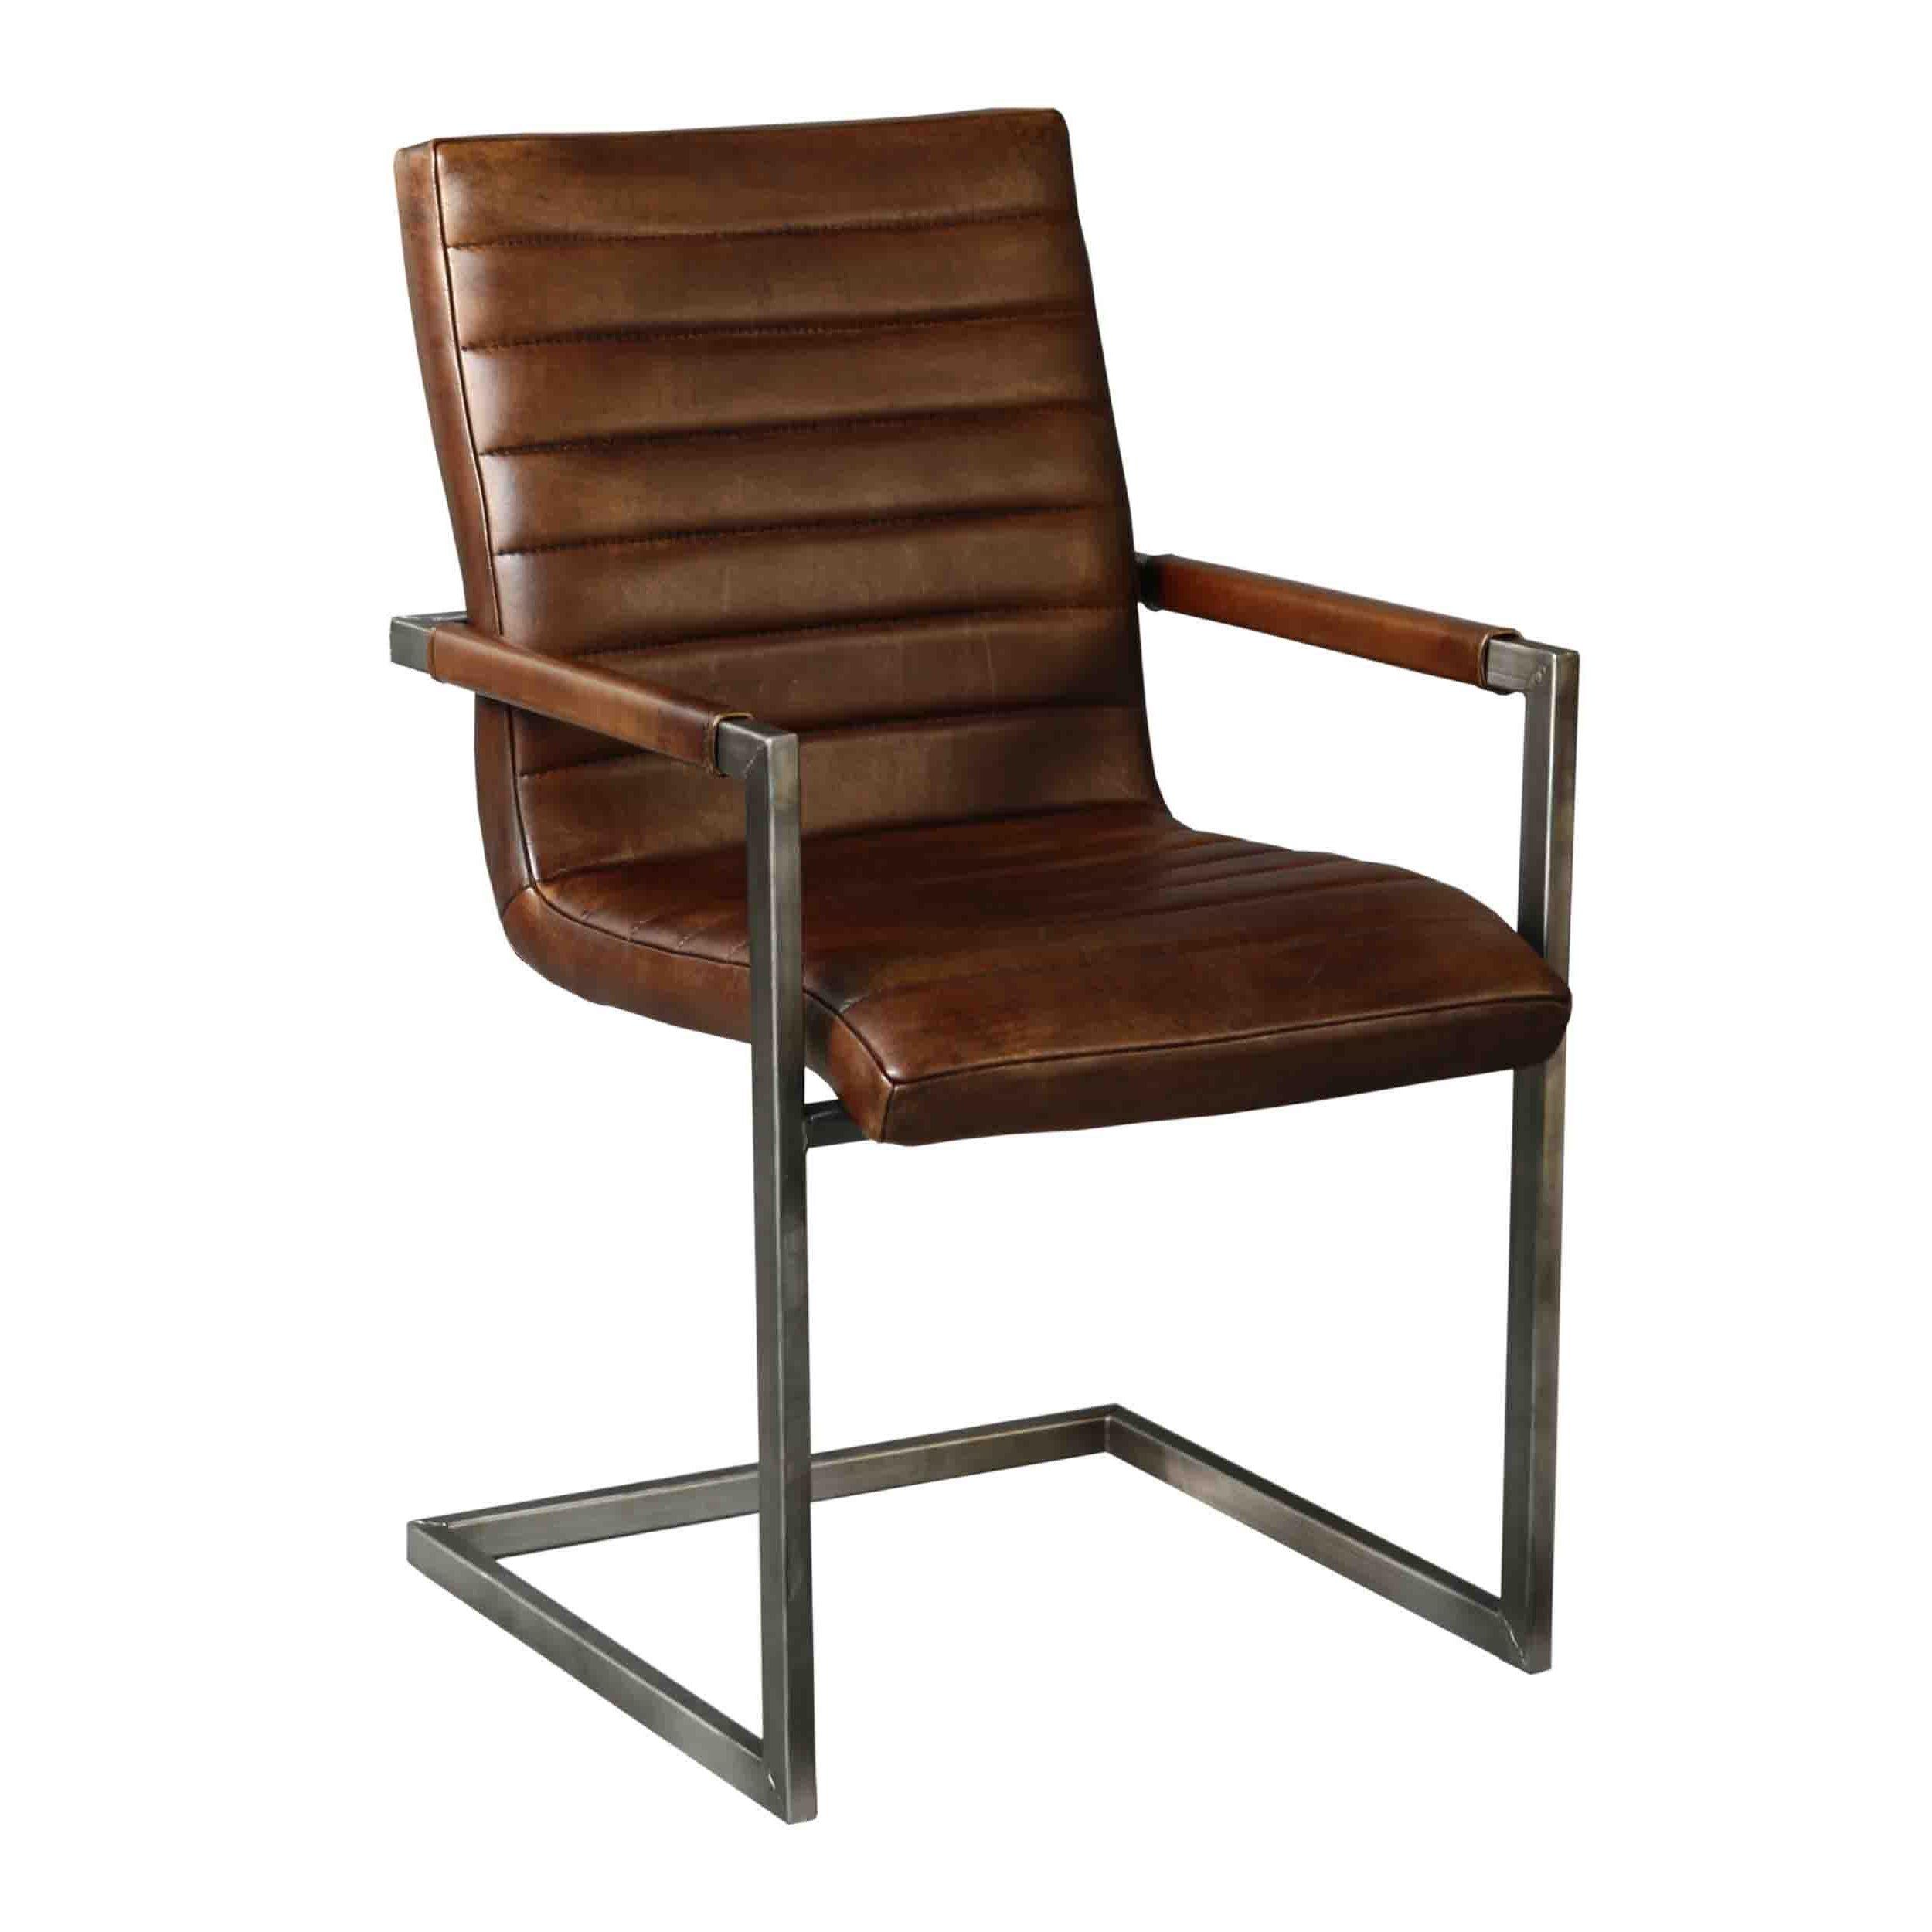 Eetkamerstoel rosi van de pol meubelen cognac for Eetkamer stoel